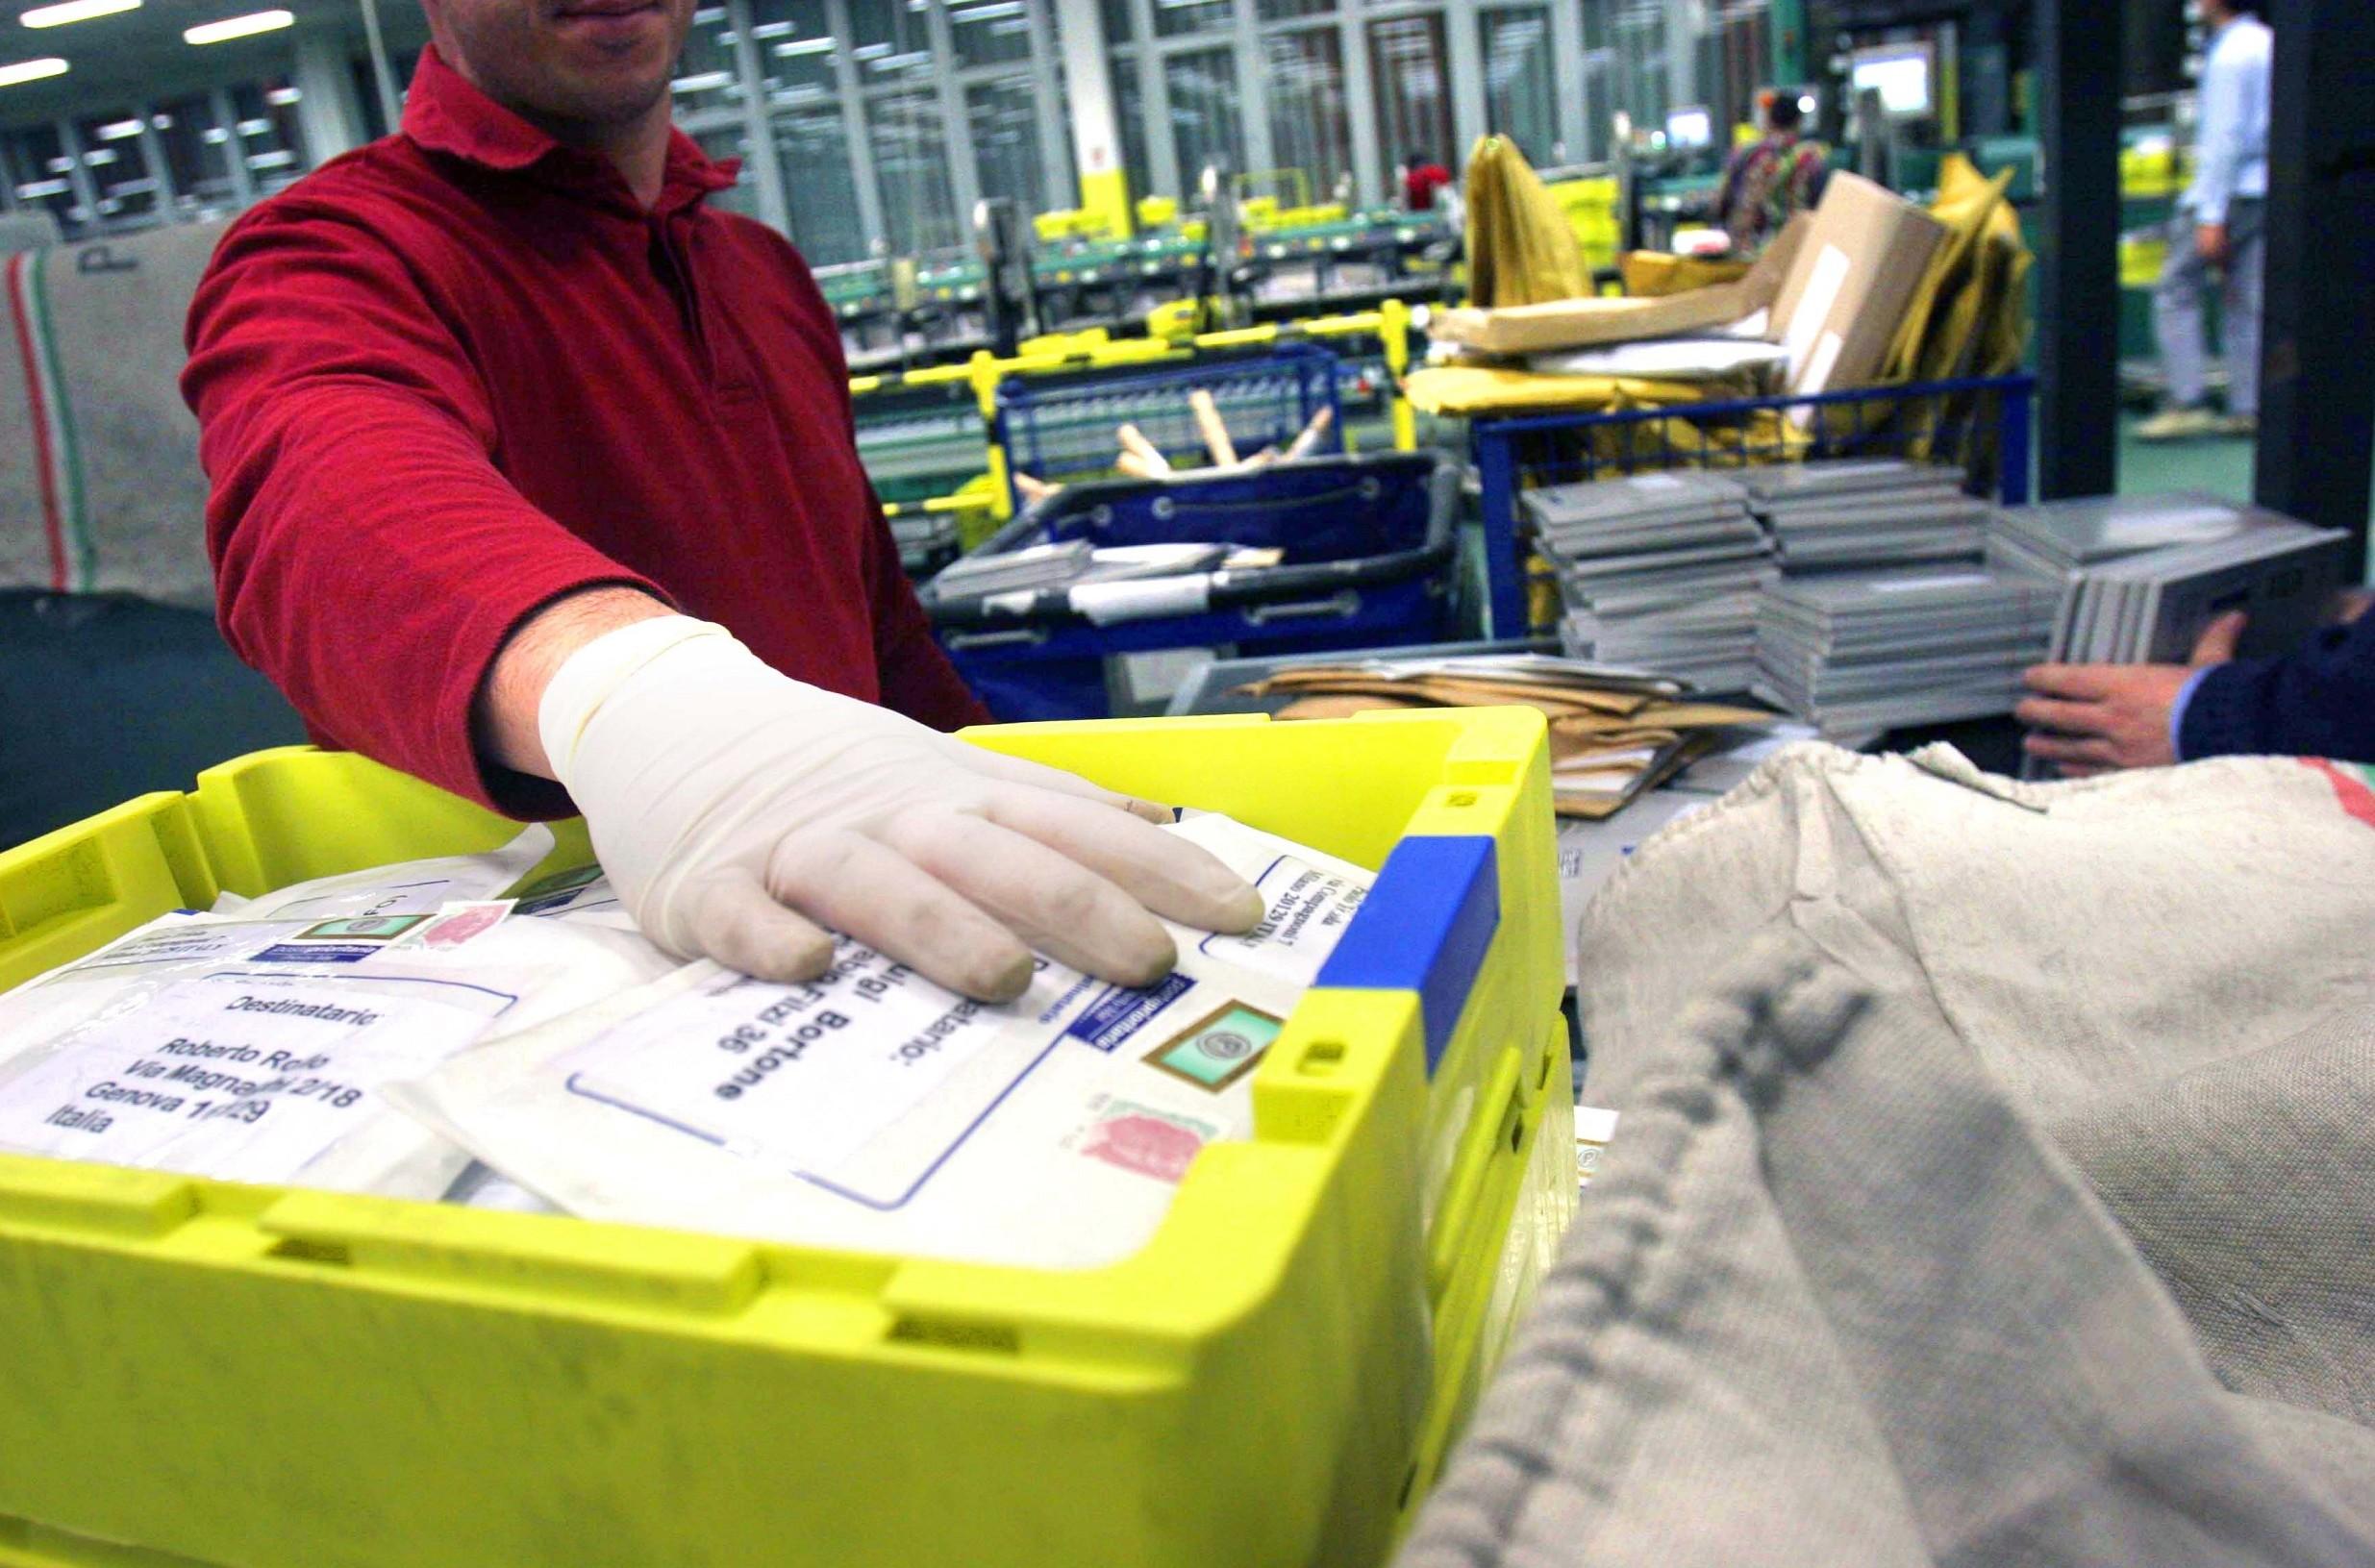 Offerte di lavoro Poste italiane, Amazon